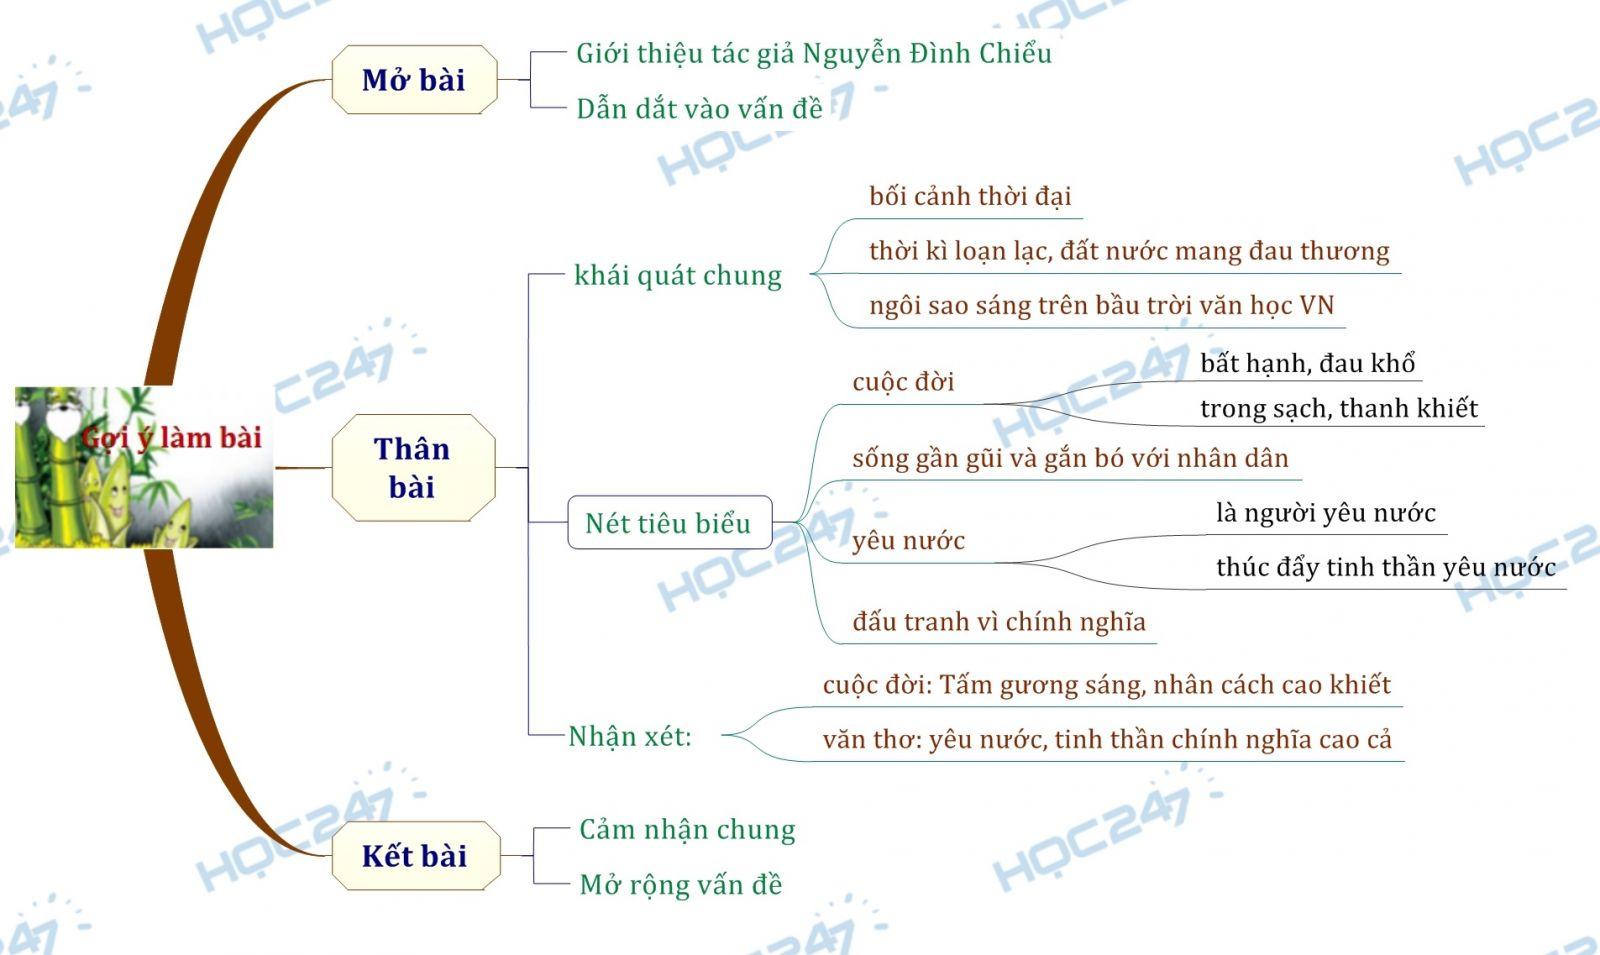 Sơ đồ tư duy Cảm nghĩ về nhà thơ Nguyễn Đình Chiểu